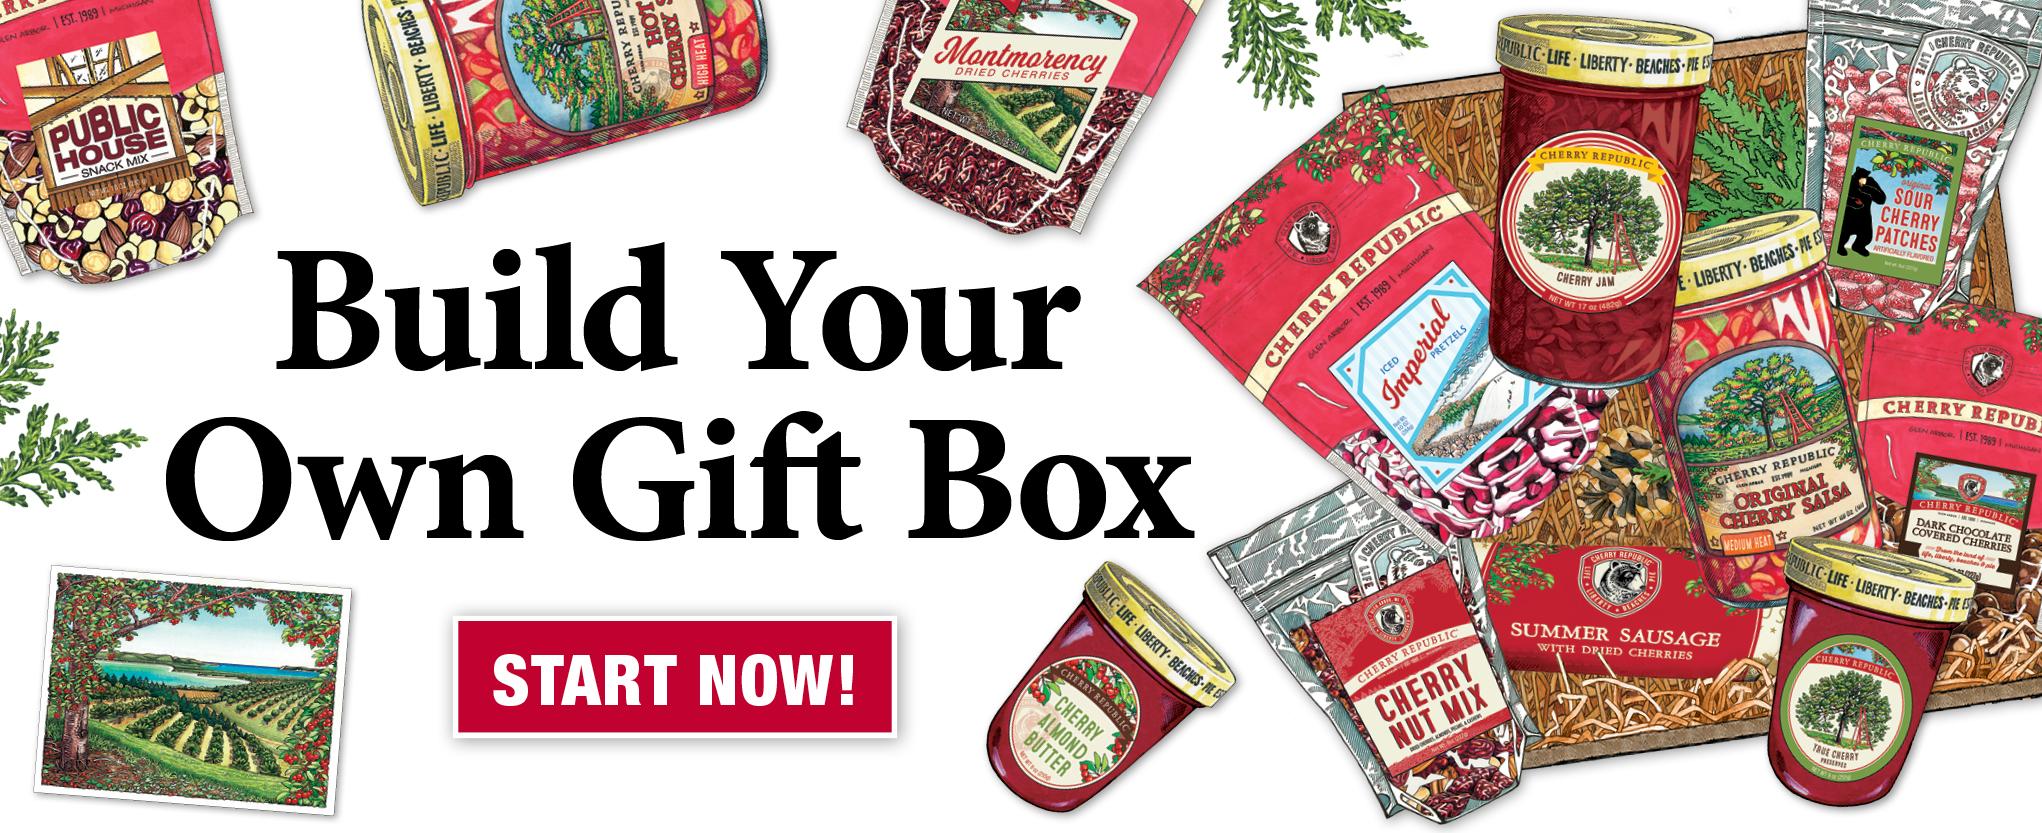 gift-box-banner.jpg